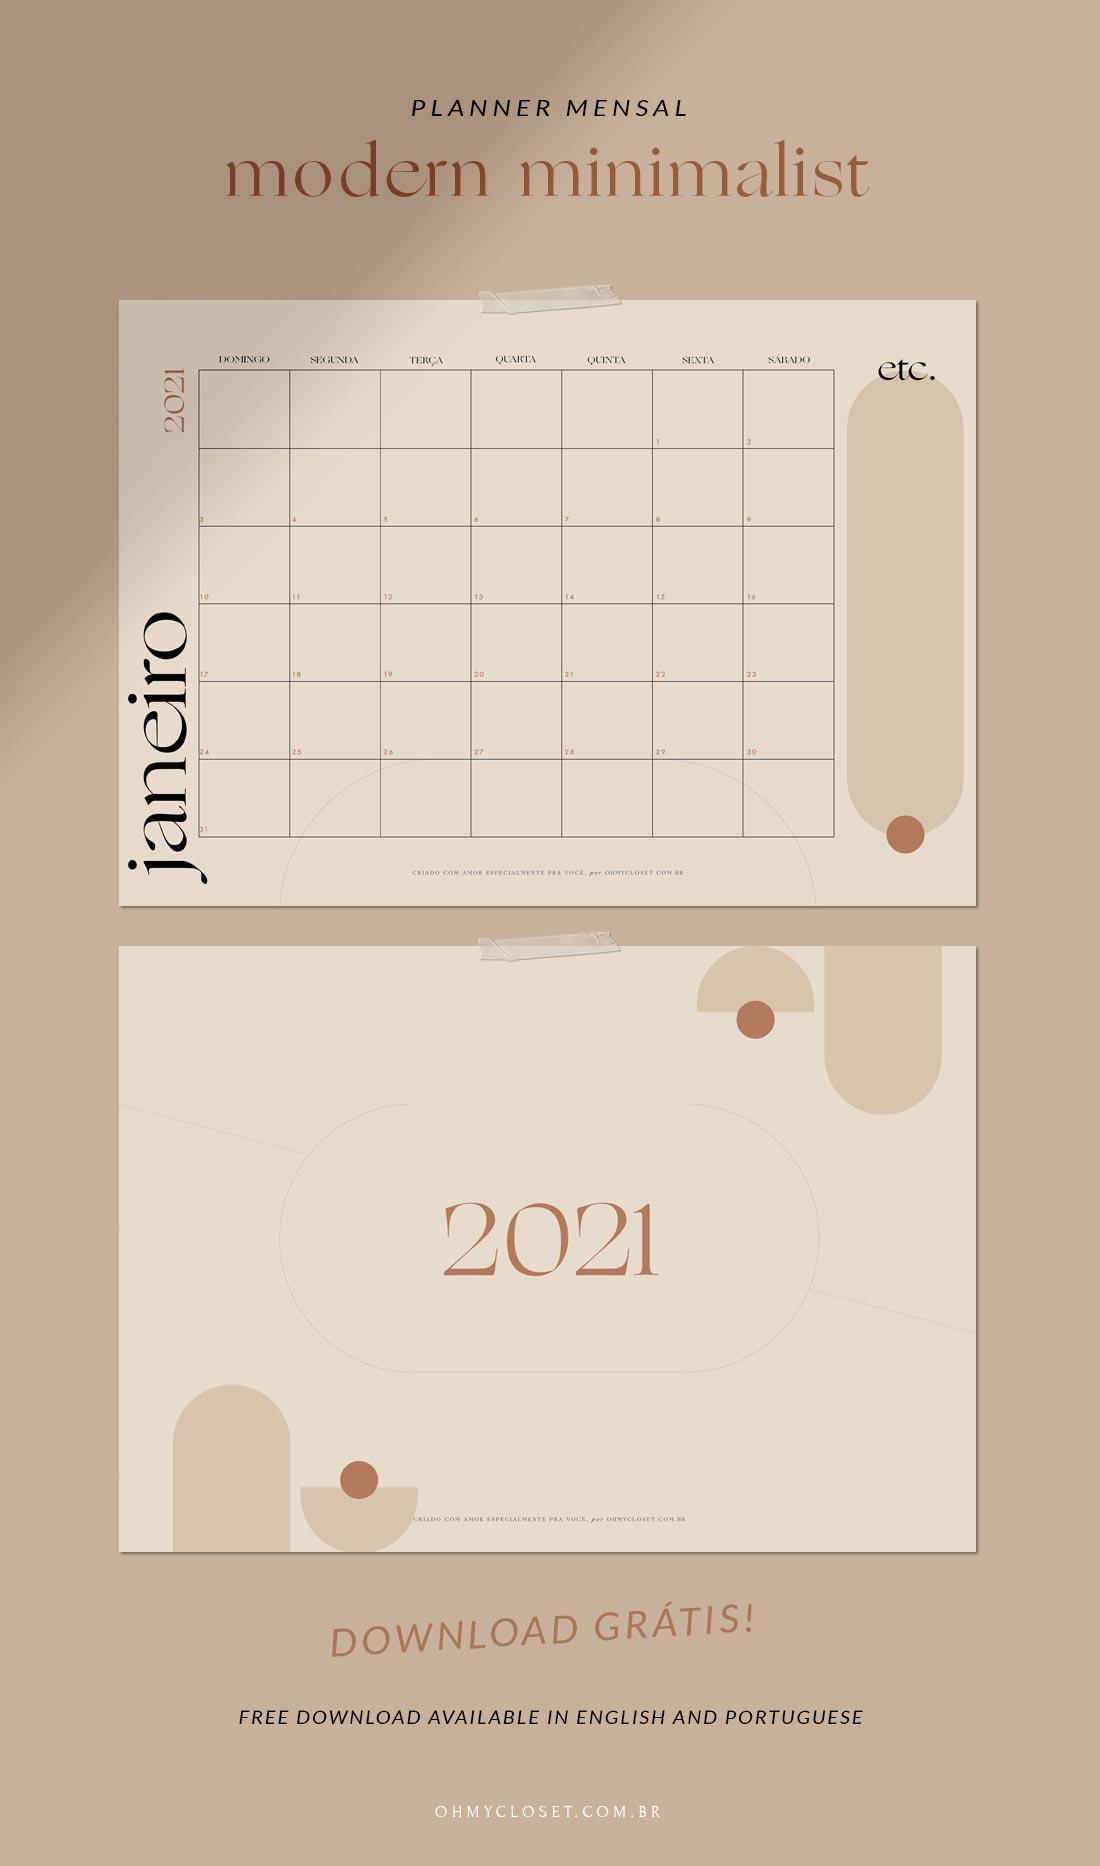 Planner mensal modern minimalist 2021 download grátis.